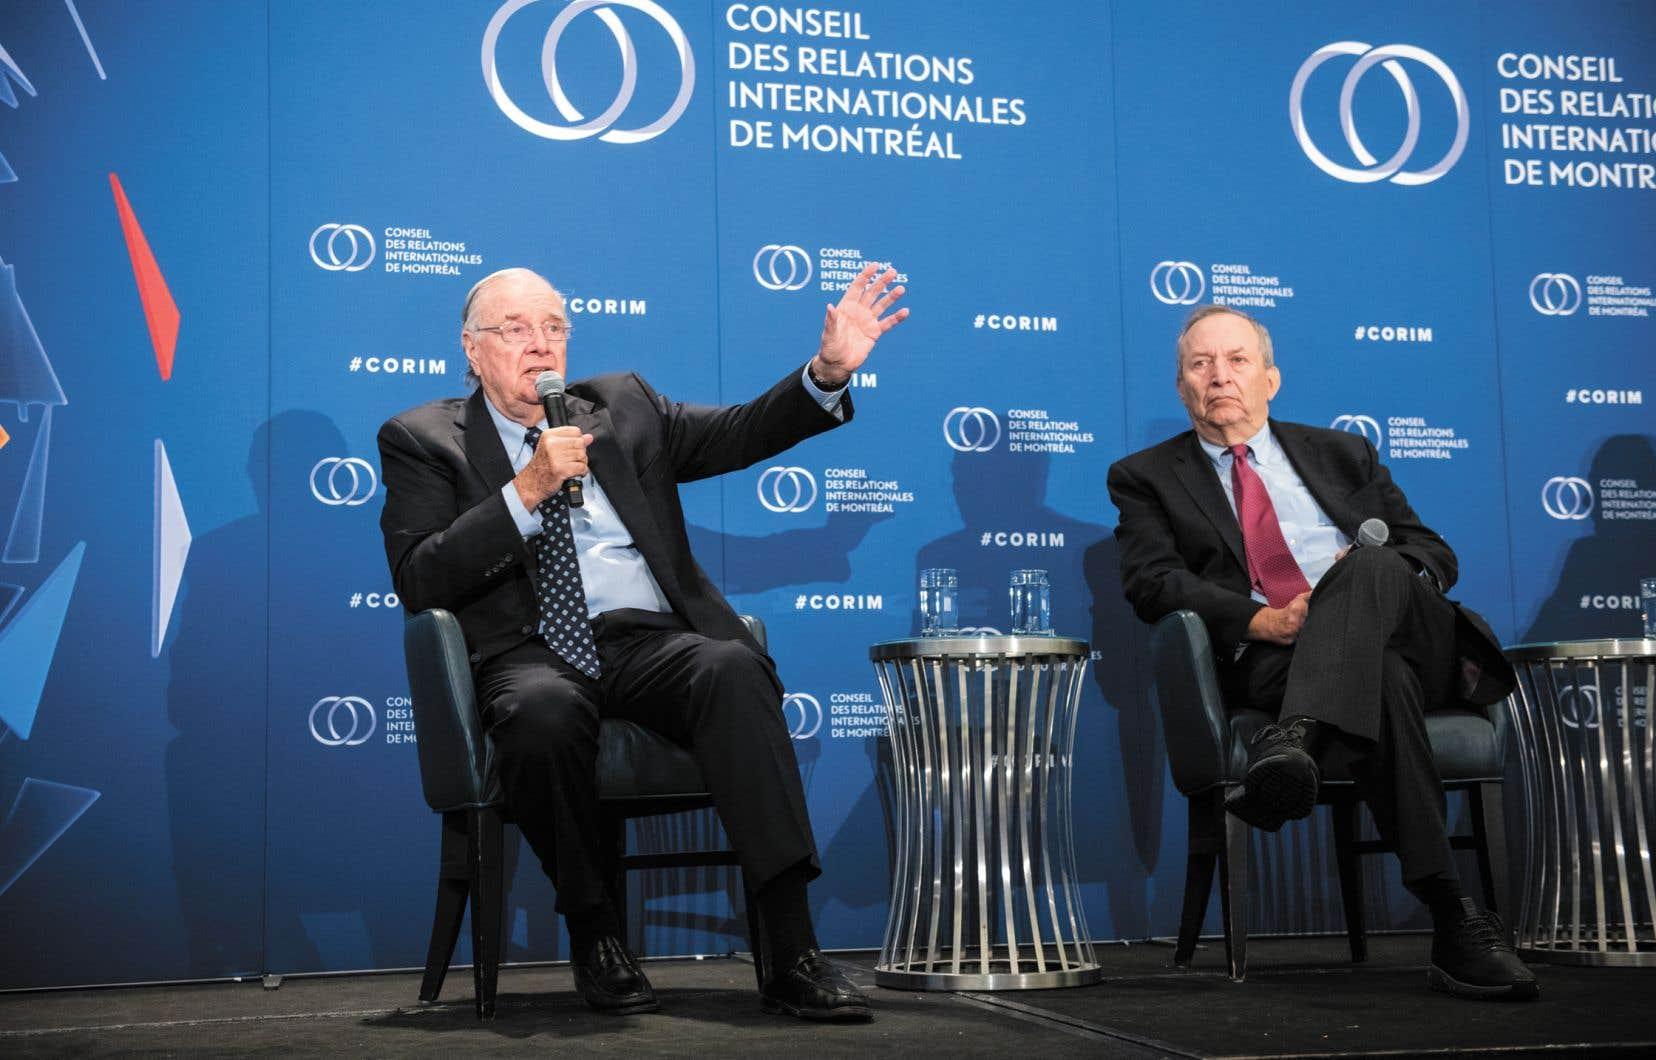 L'ex-premier ministre du Canada Paul Martin (à gauche) et l'ancien secrétaire au Trésor américain Larry Summers, qui ont fondé le G20 en 1999, ont partagé la scène du Conseil des relations internationales de Montréal mercredi.